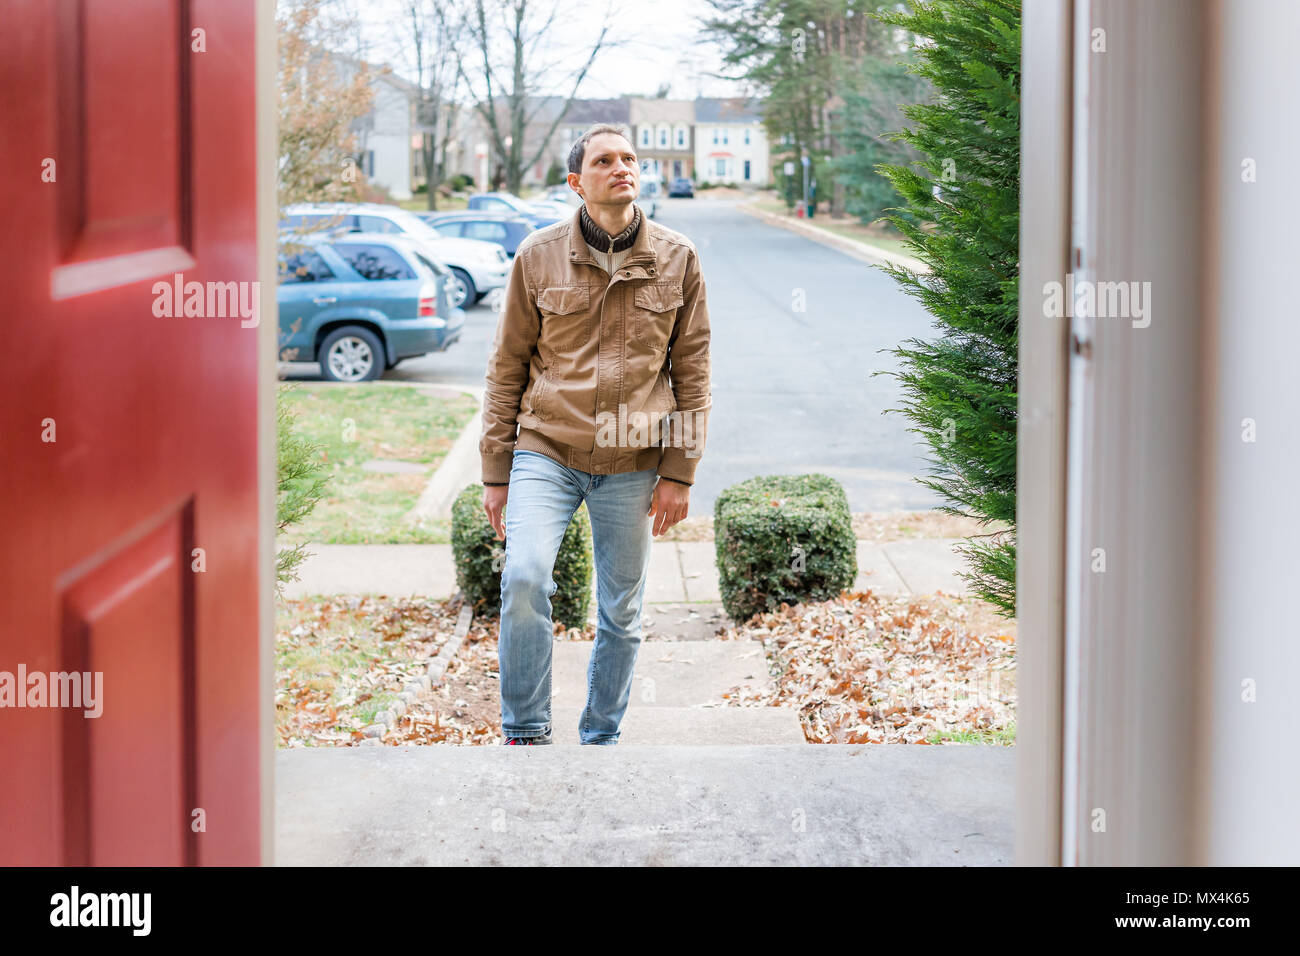 Joven de pie en el porche frontyard pasos en la parte frontal de la casa hogar comprador pensando en comprar una propiedad inmobiliaria en el cliente residen townhouse Foto de stock